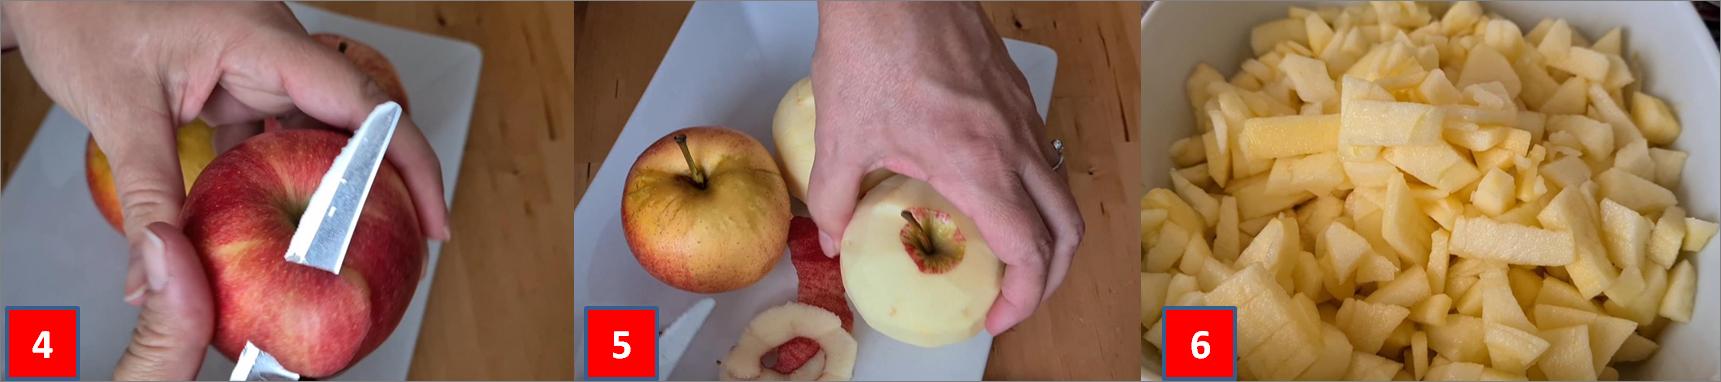 ricetta passo passo cestini di pasta sfoglia con mele e avena 1